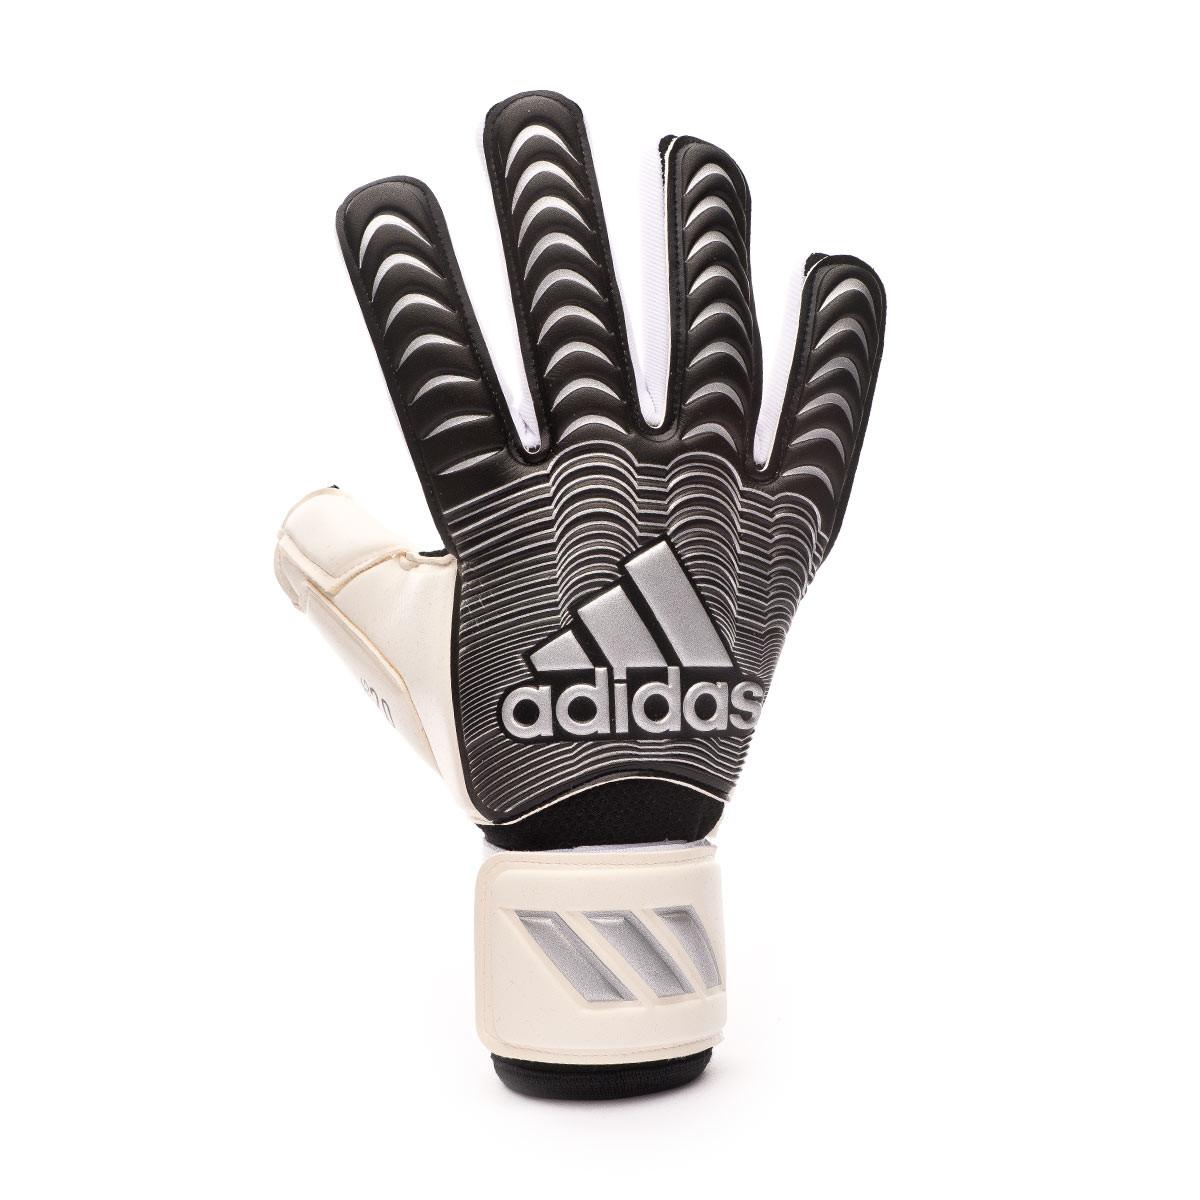 Volver a disparar Traición boicotear  Glove adidas Classic Pro White-Black-Silver metallic - Football store  Fútbol Emotion